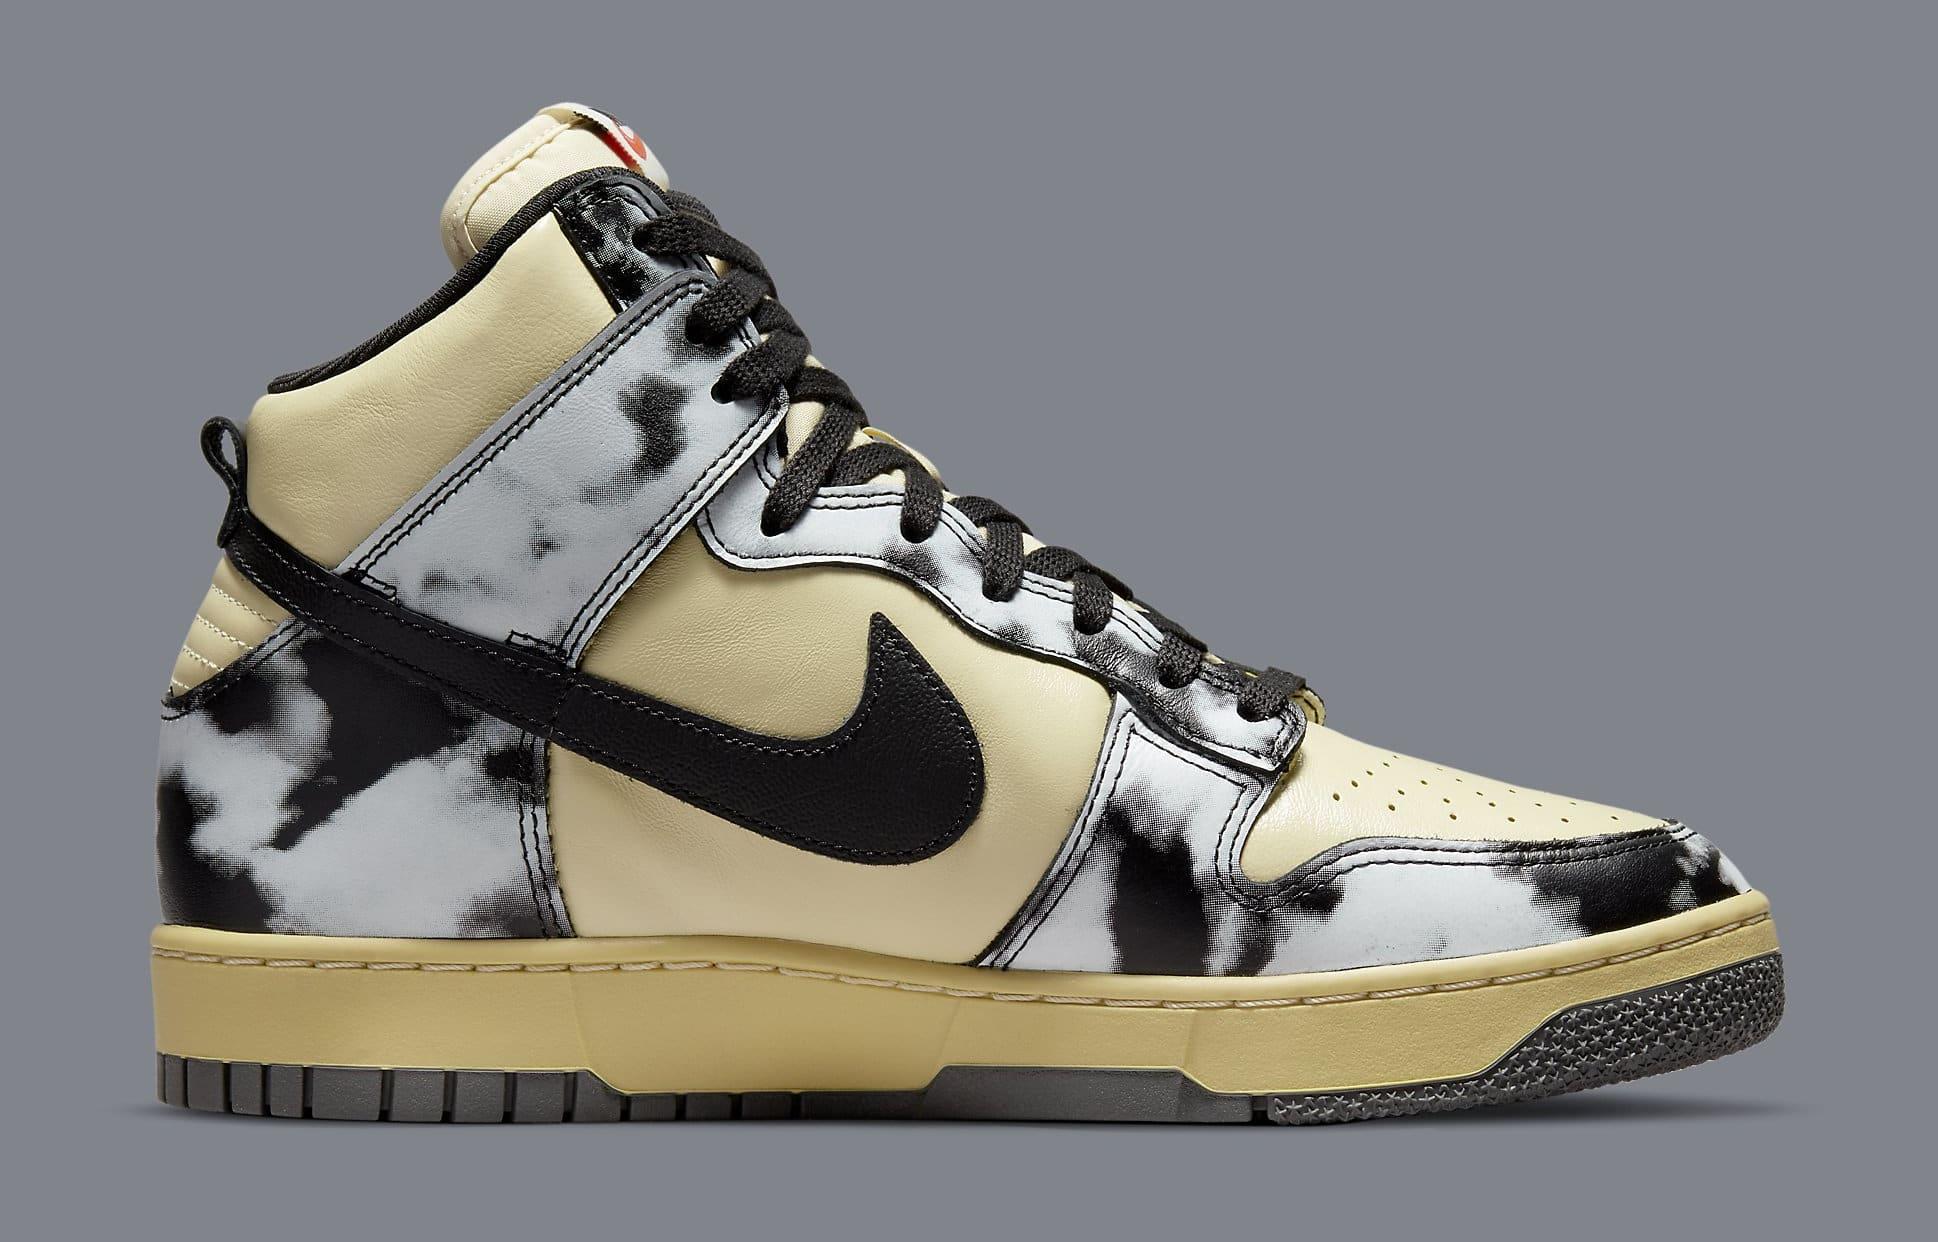 Nike Dunk High 'Acid Wash' DD9404-700 Medial